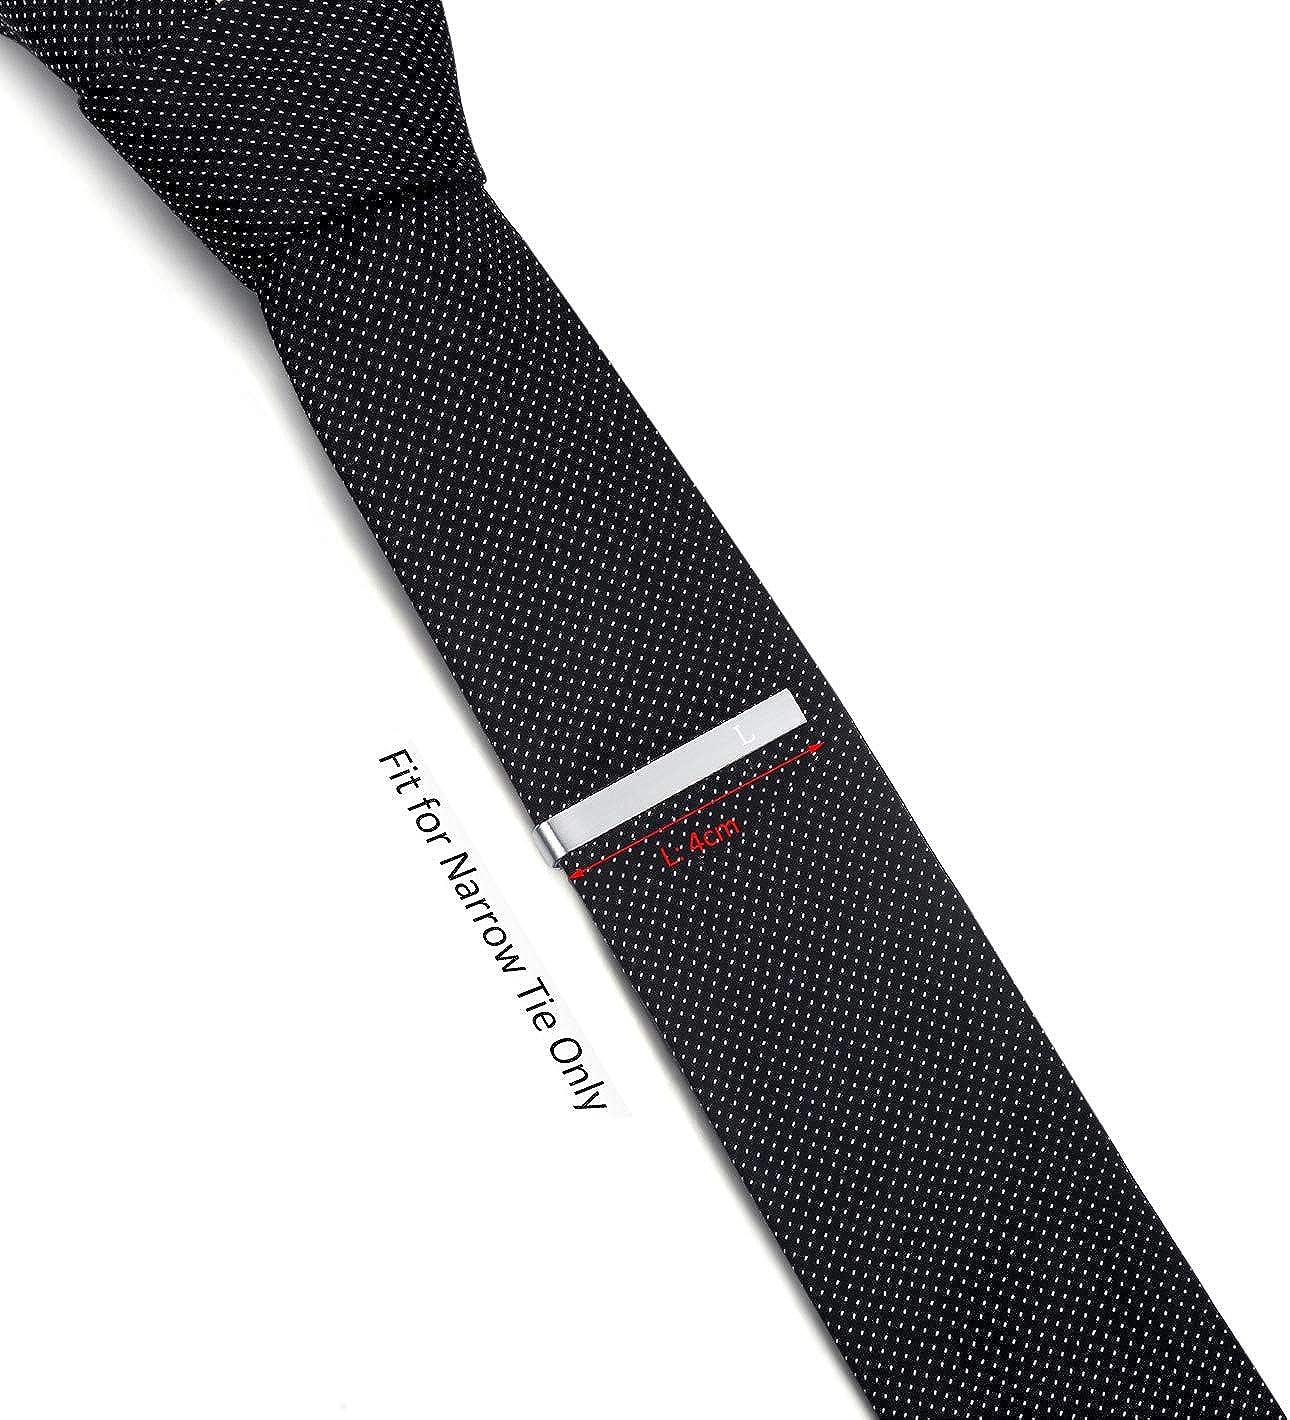 per la Cravatta Stretta Skinny Acciaio Regalo di Nozze di Business,4cm,Argento Spazzolato HONEY BEAR Lettera con iniziali Alfabeto Fermacravatta per Uomo